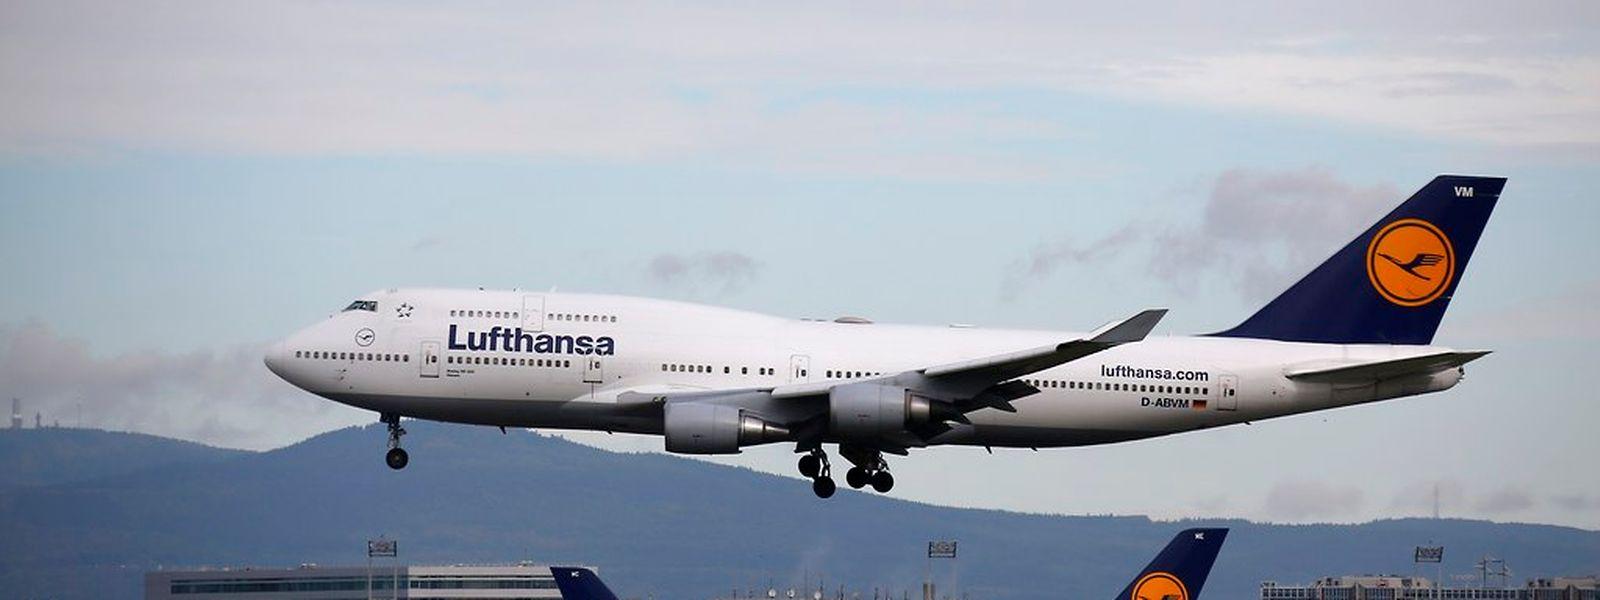 Am Frankfurter Flughafen fallen rund 200 Lufthansa-Flüge aus.